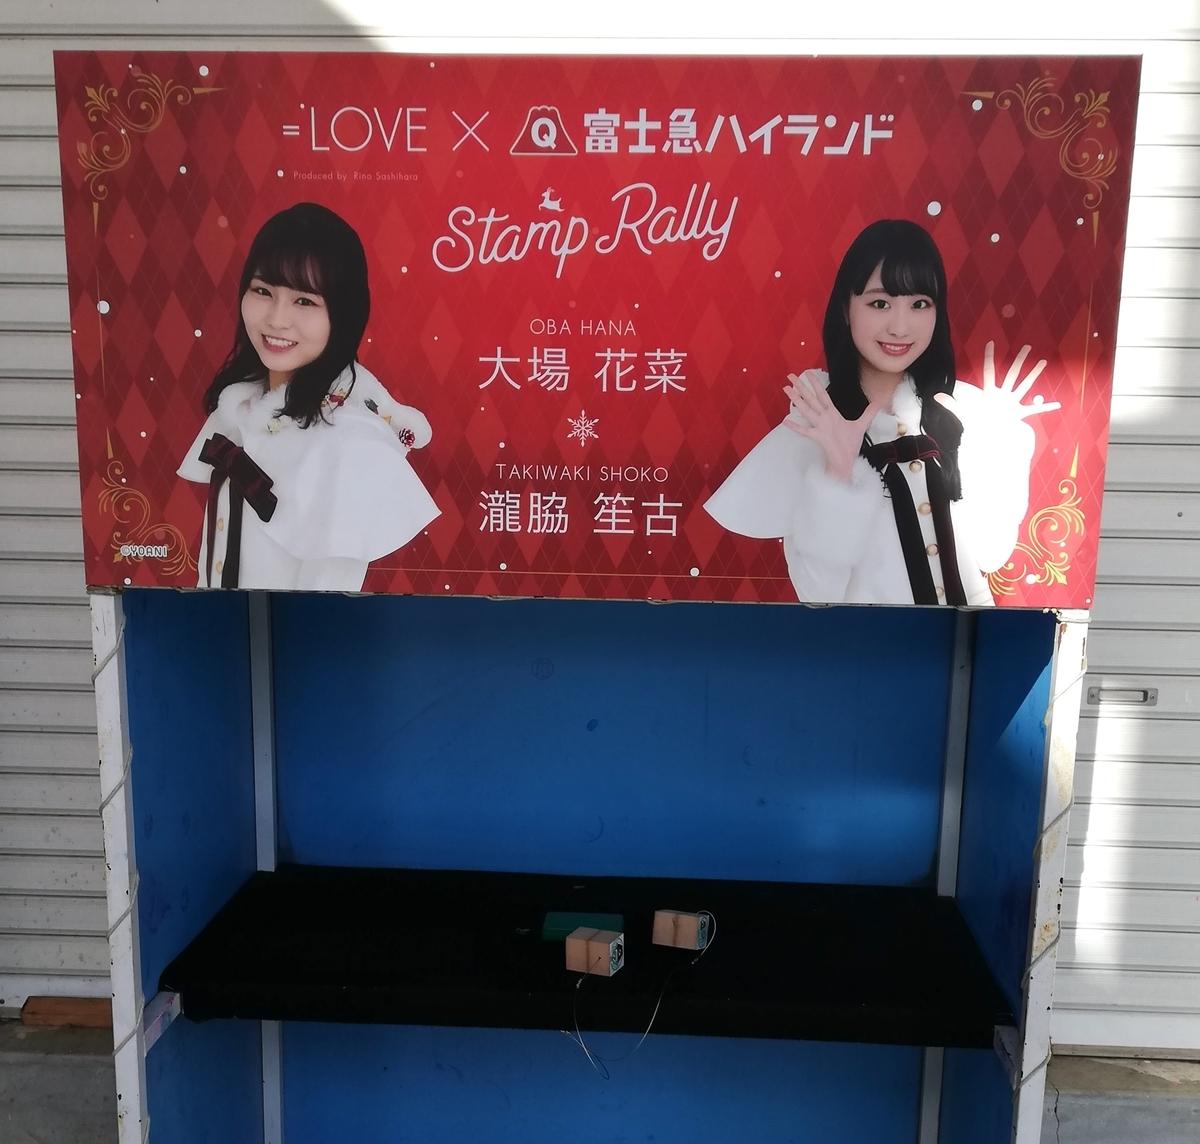 f:id:Tokyo-amuse:20191213222953j:plain